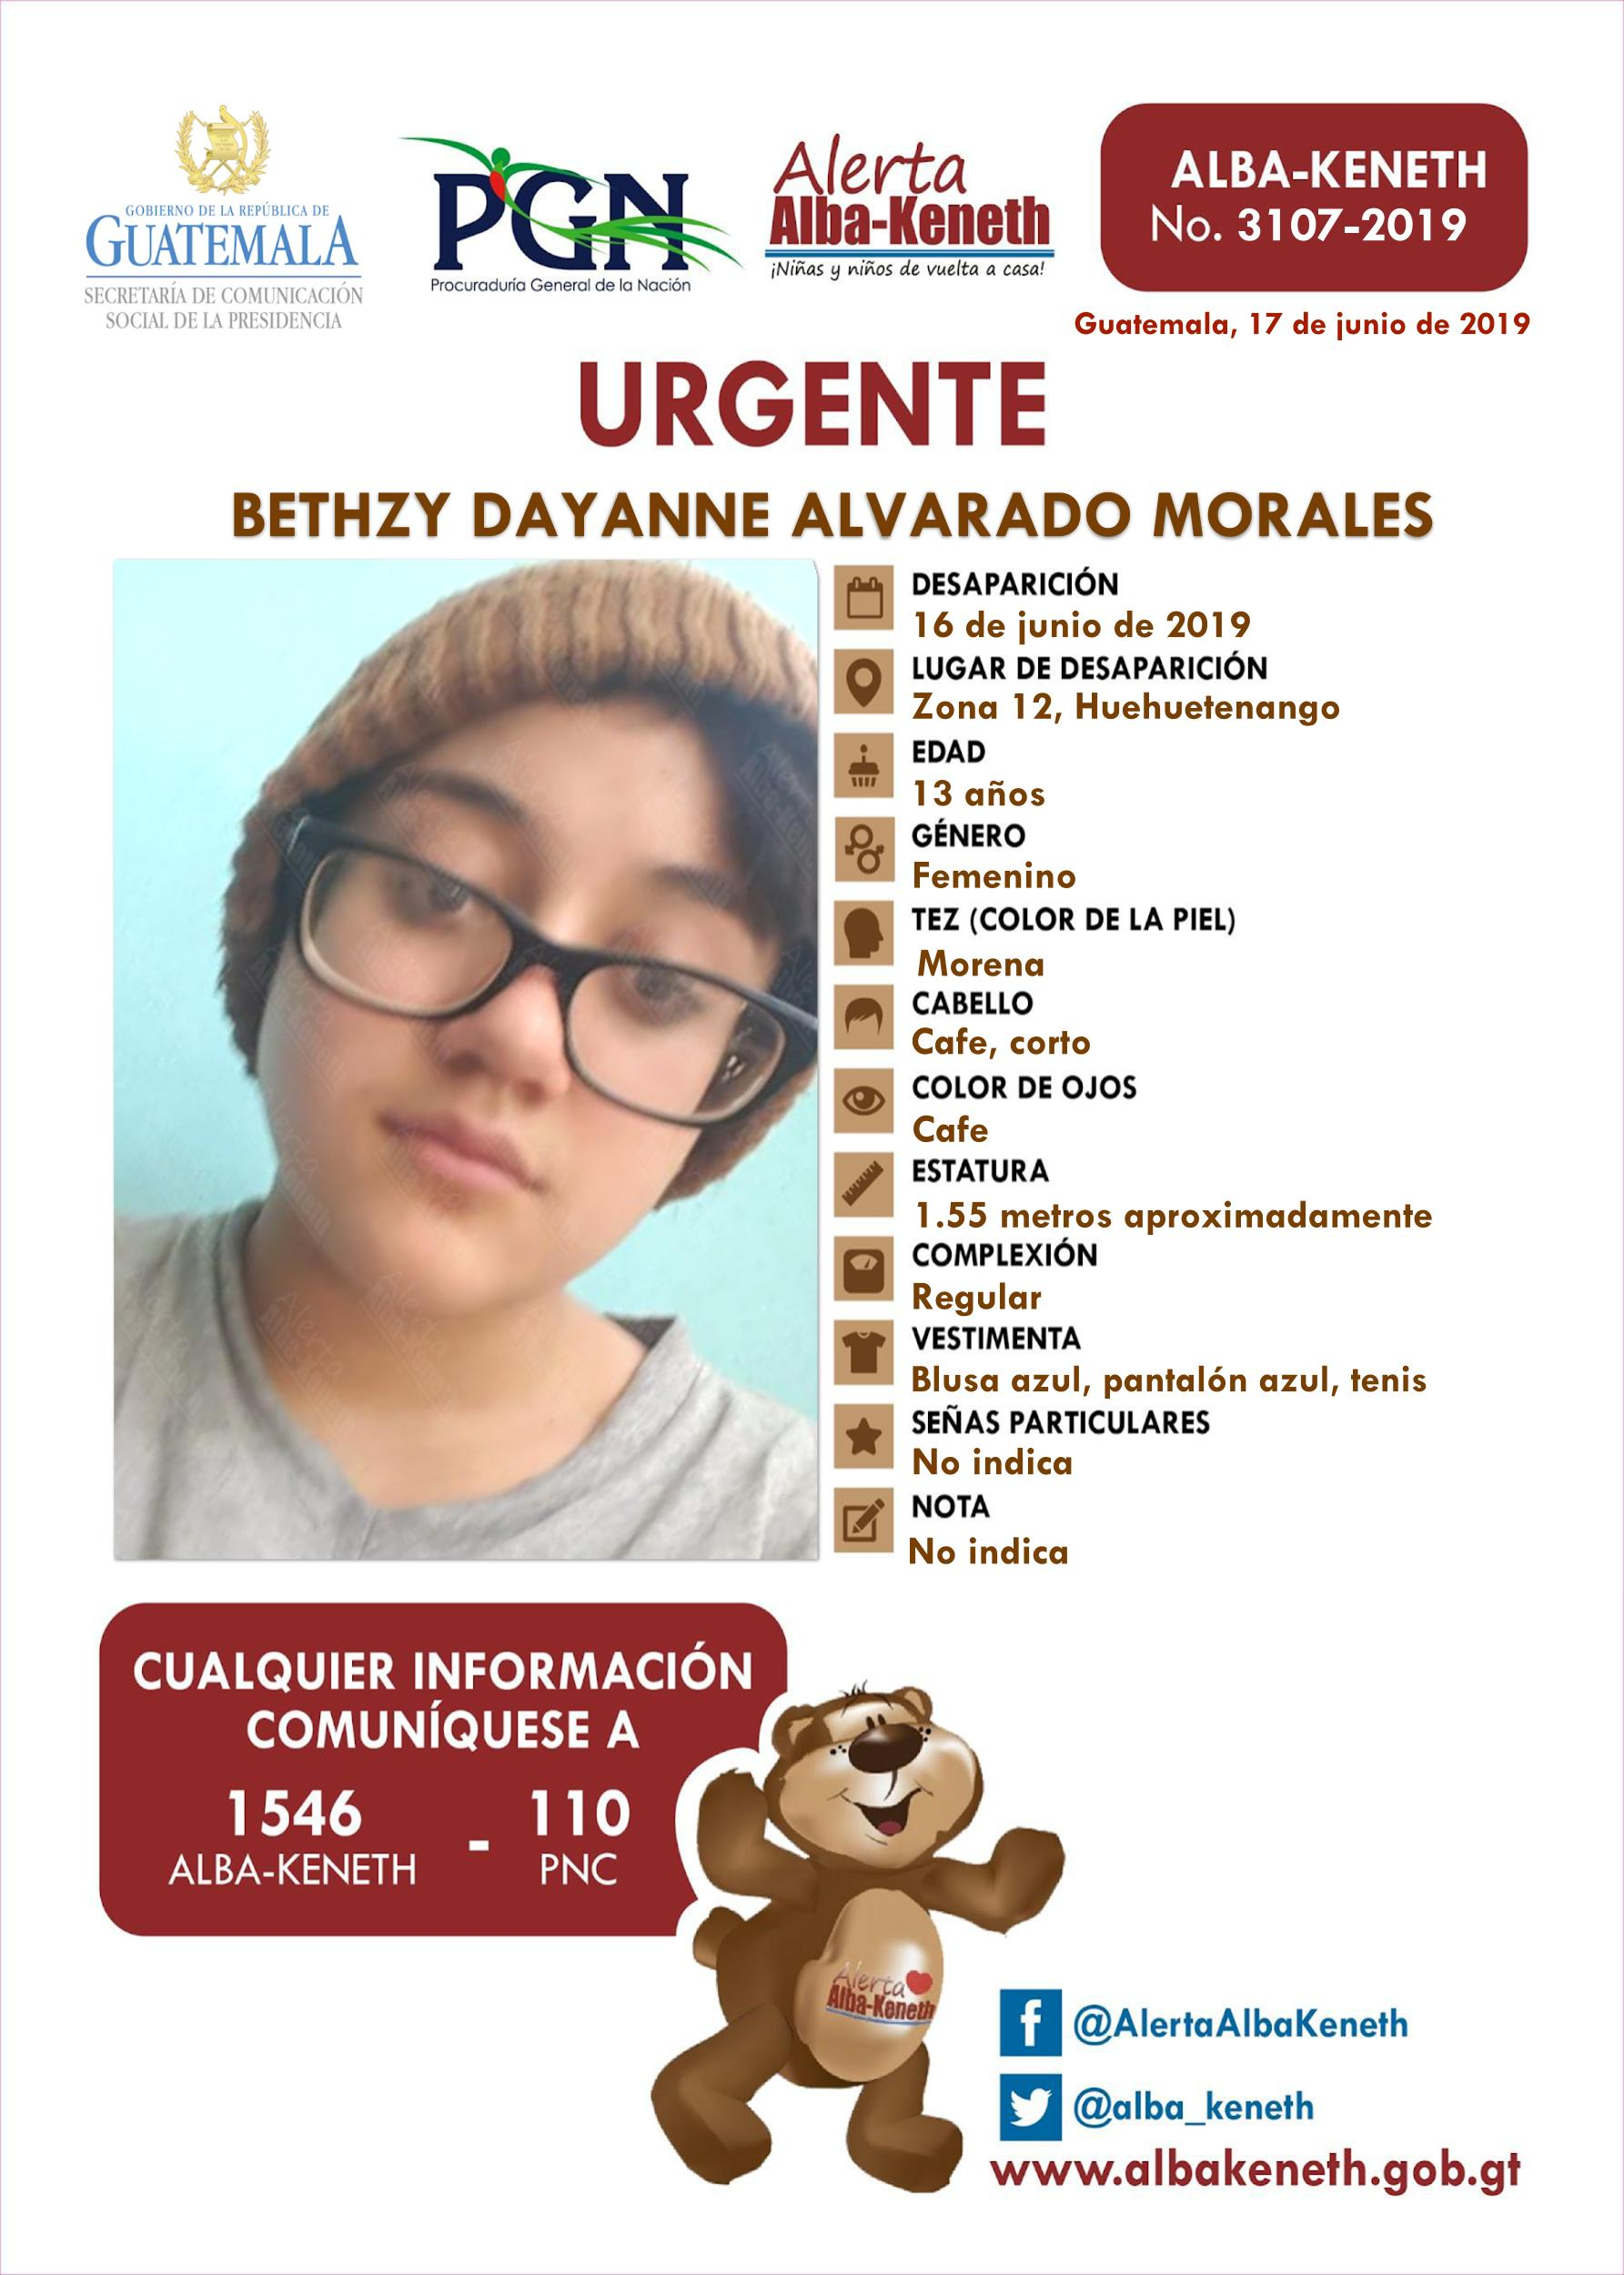 Bethzy Dayanne Alvarado Morales